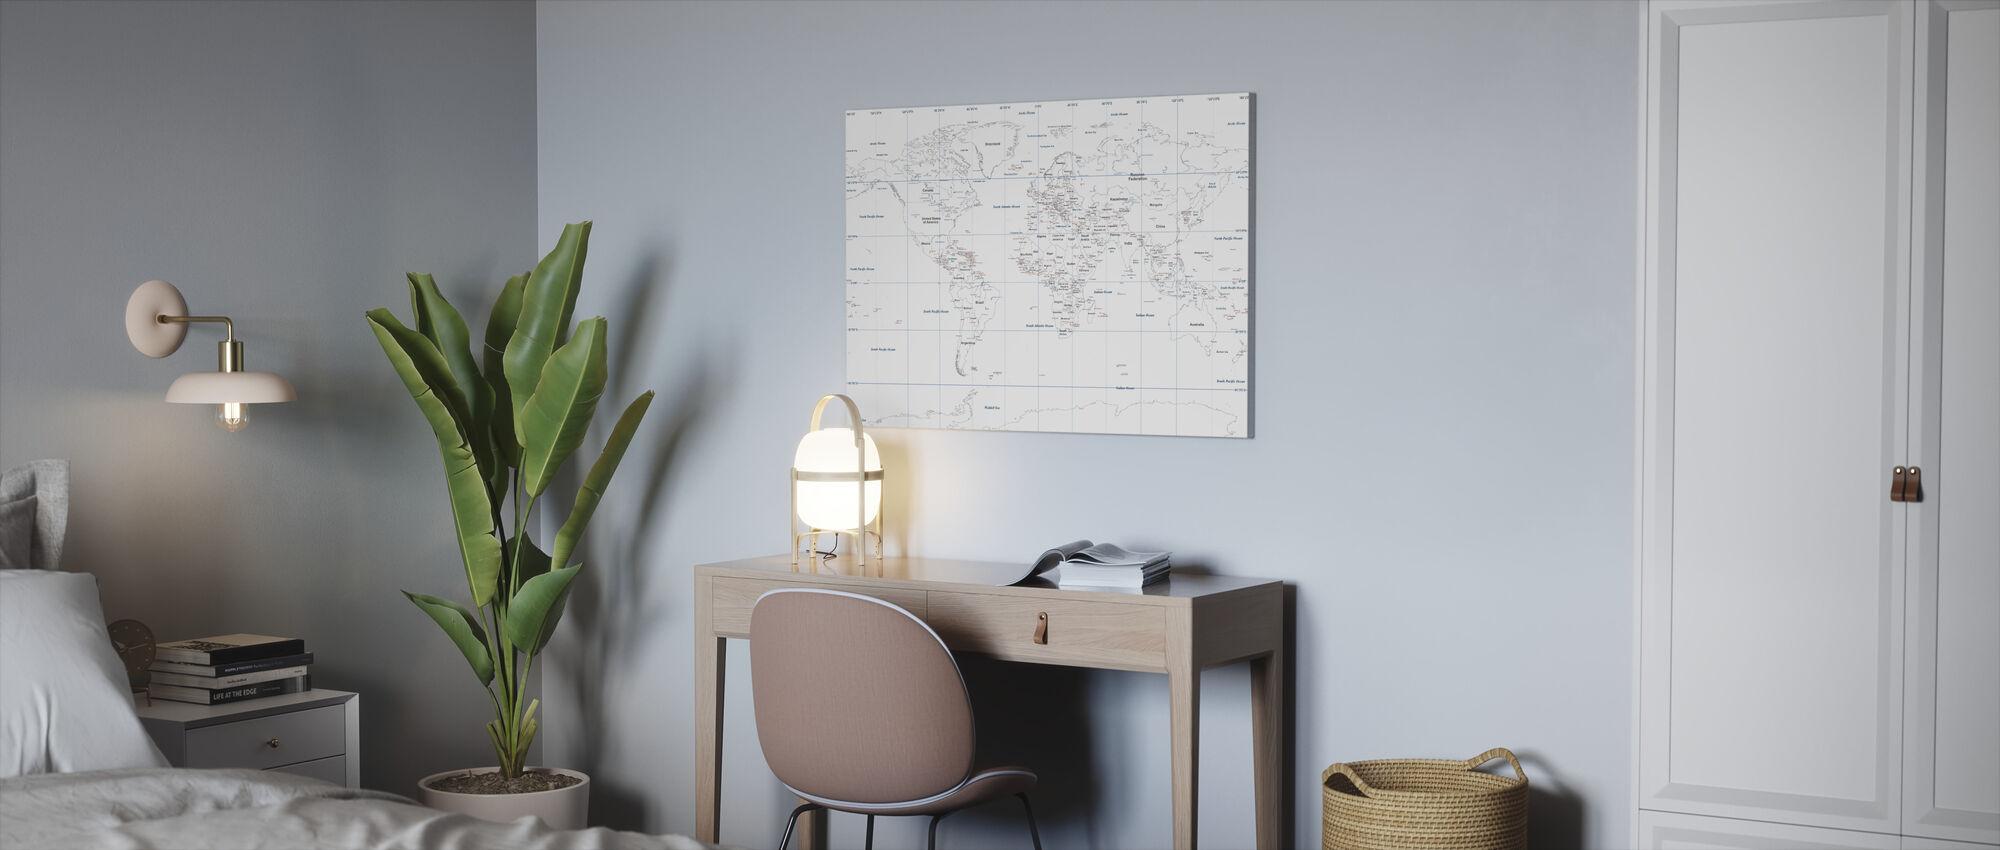 Maailman Kartta - Canvastaulu - Toimisto